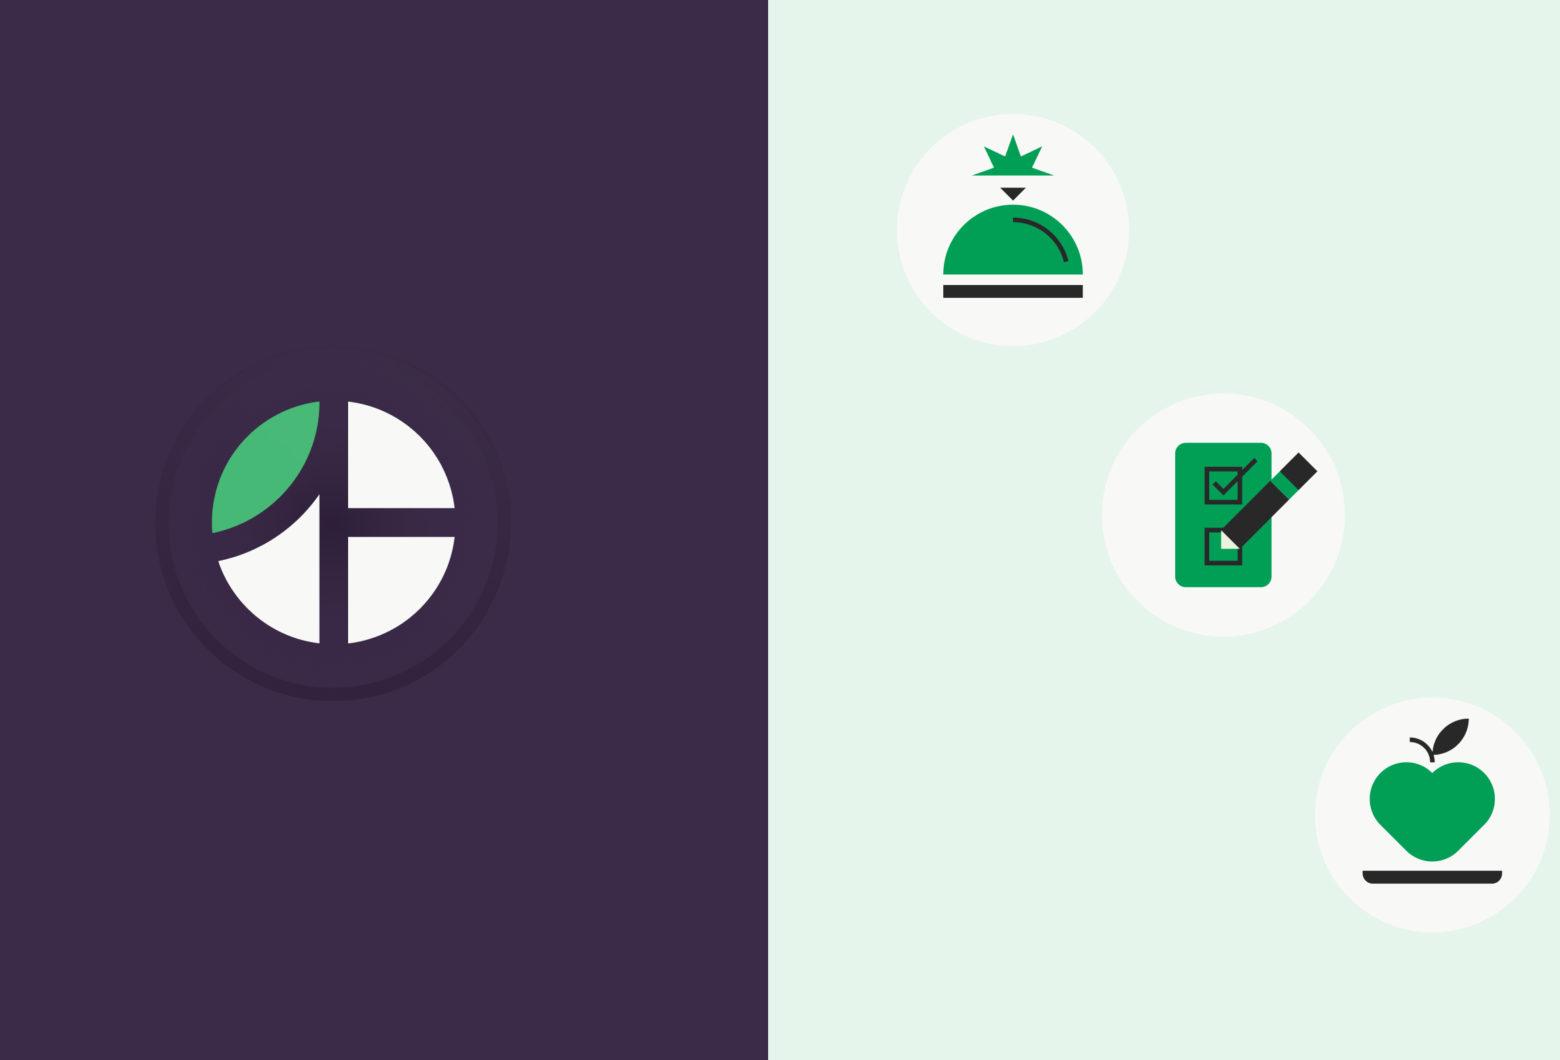 FreshTrak brand logo and iconography